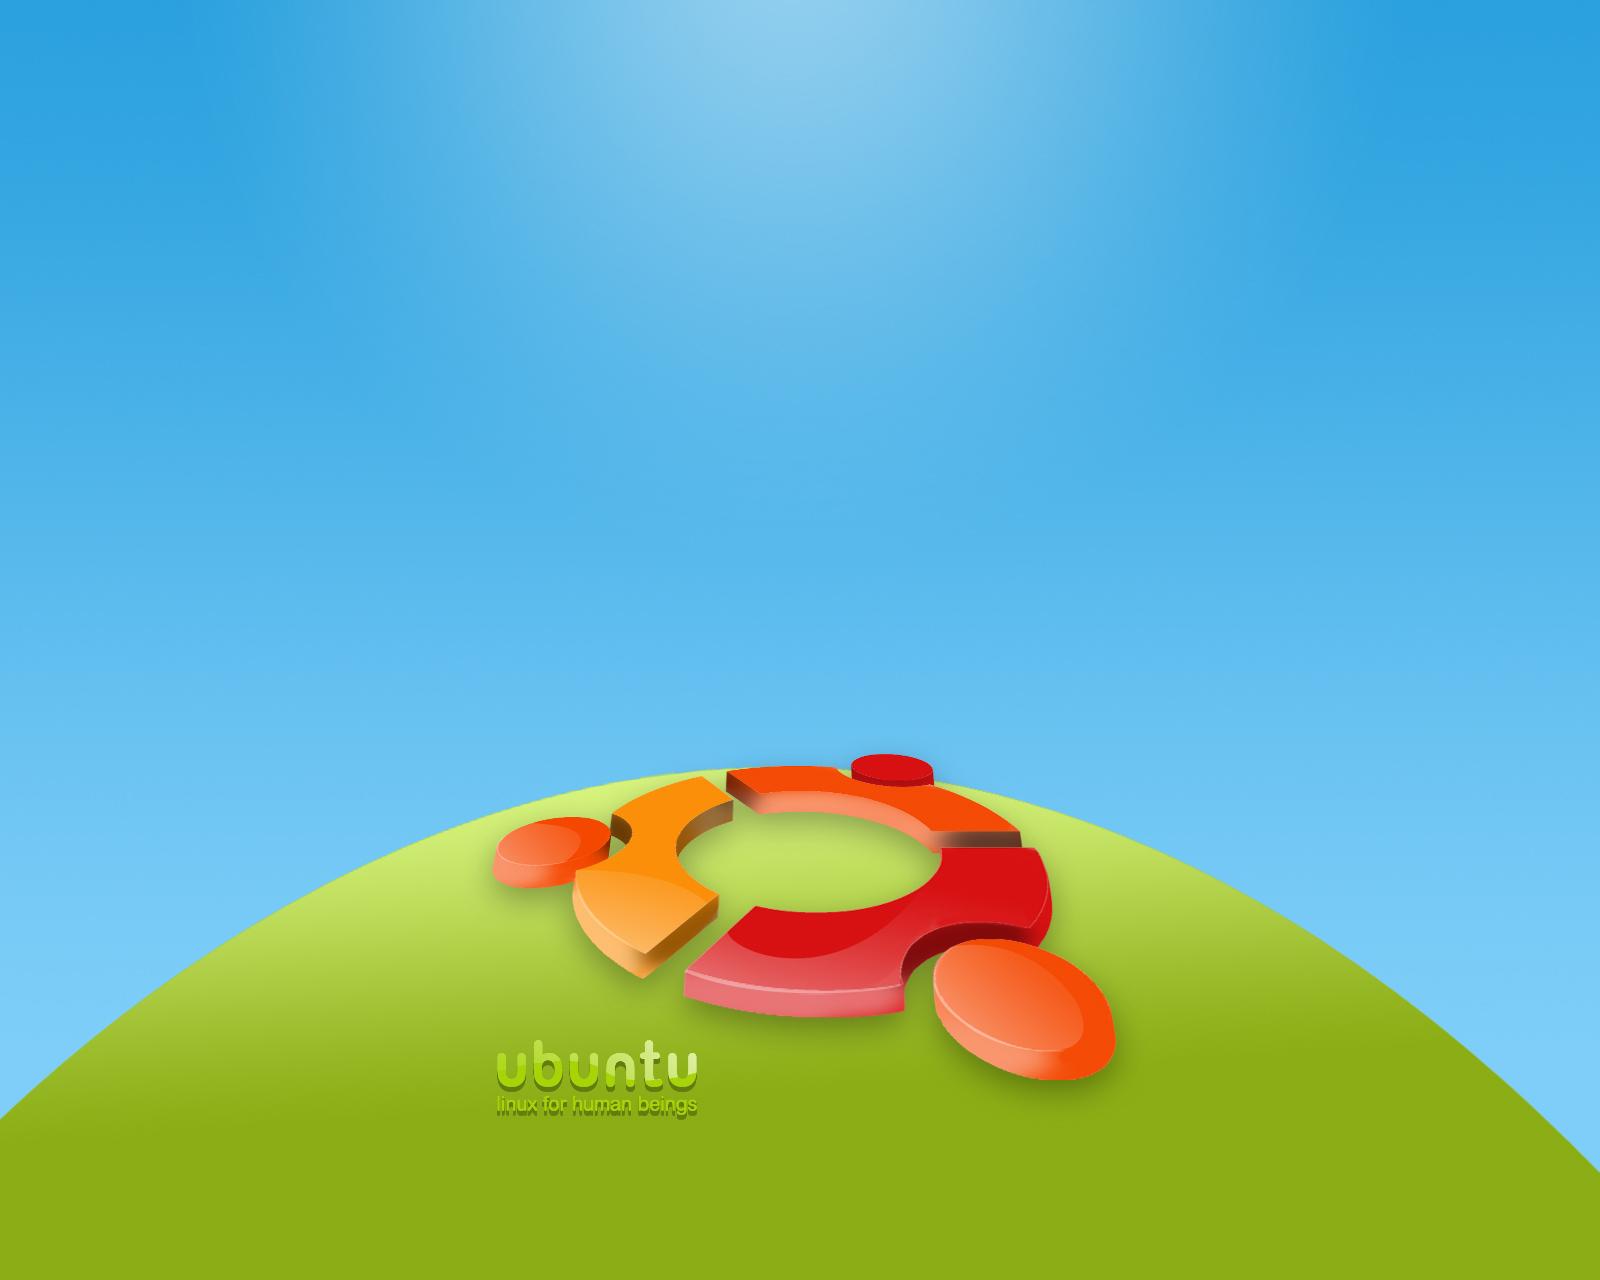 Ubuntu Scene by R8zr